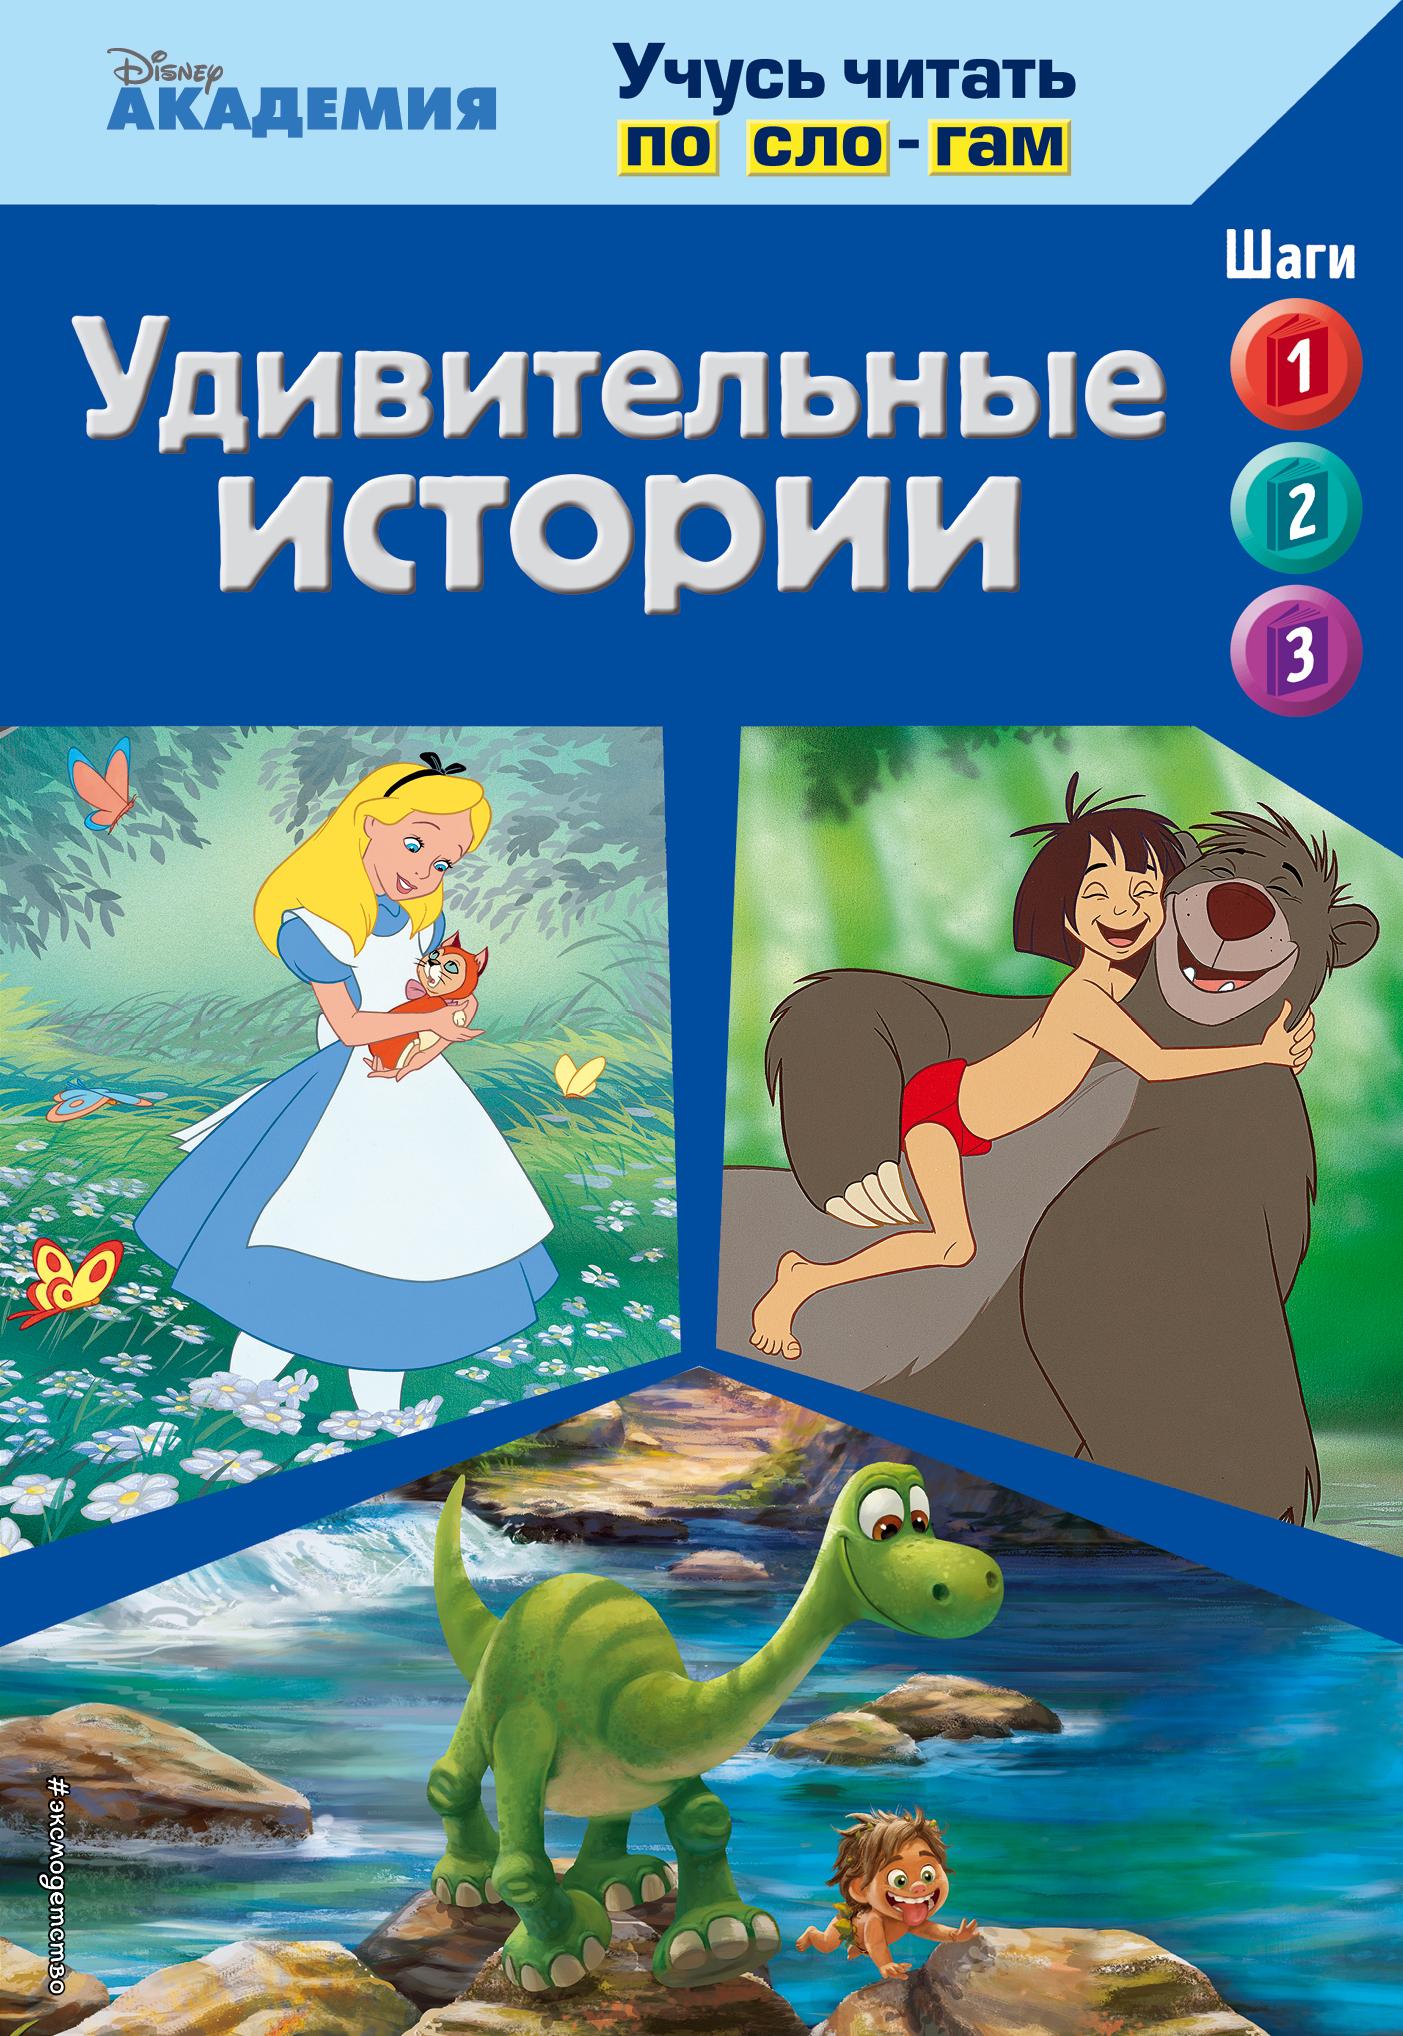 Удивительные истории (The Jungle Book, The Good Dinosaur, Alice in Wonderland)